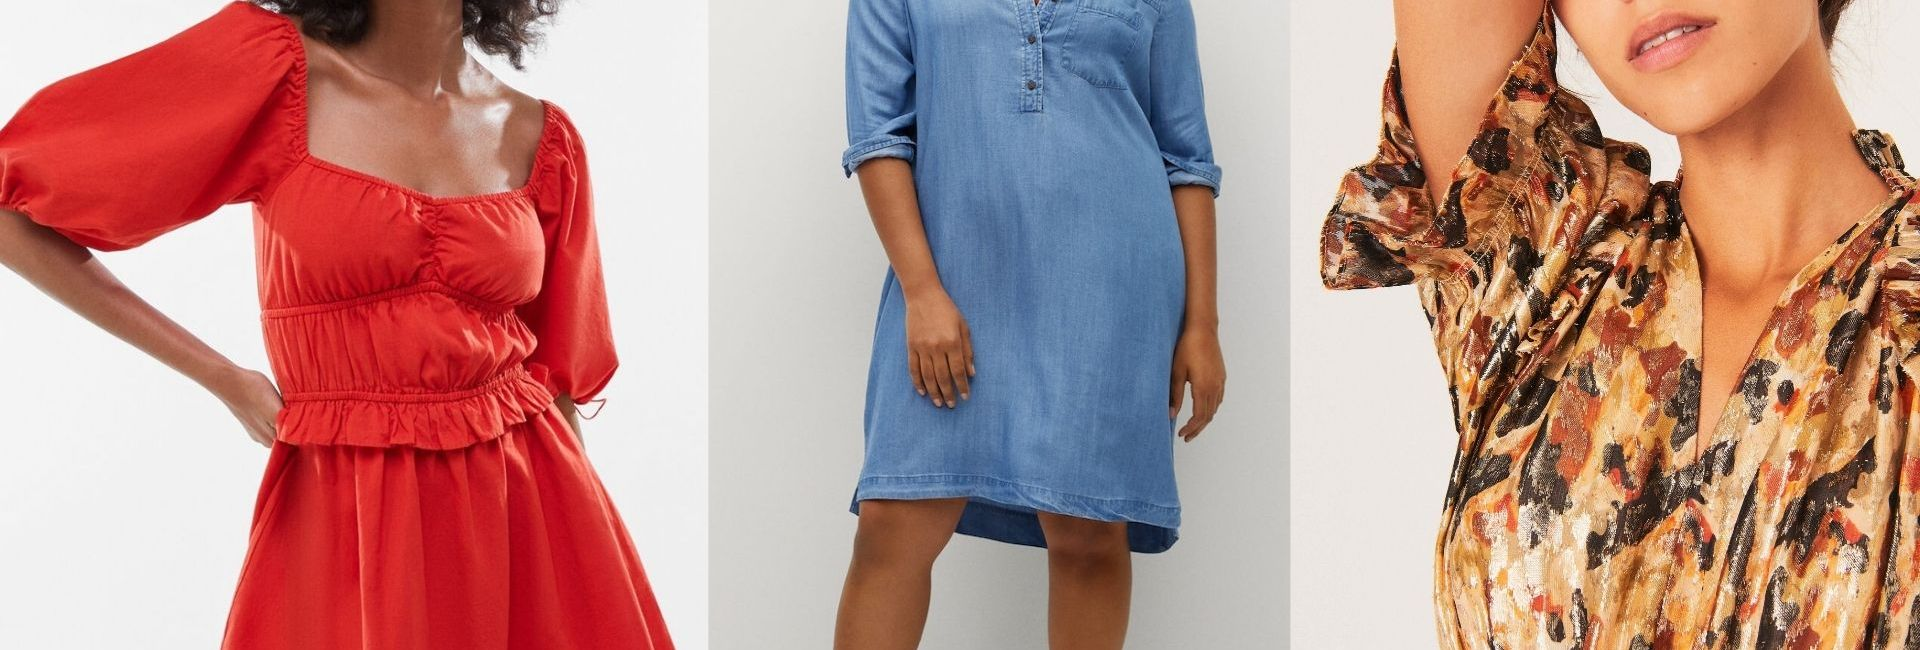 Coup d'envoi des soldes et déjà un coup de foudre pour ces robes aussi audacieuses que flatteuses